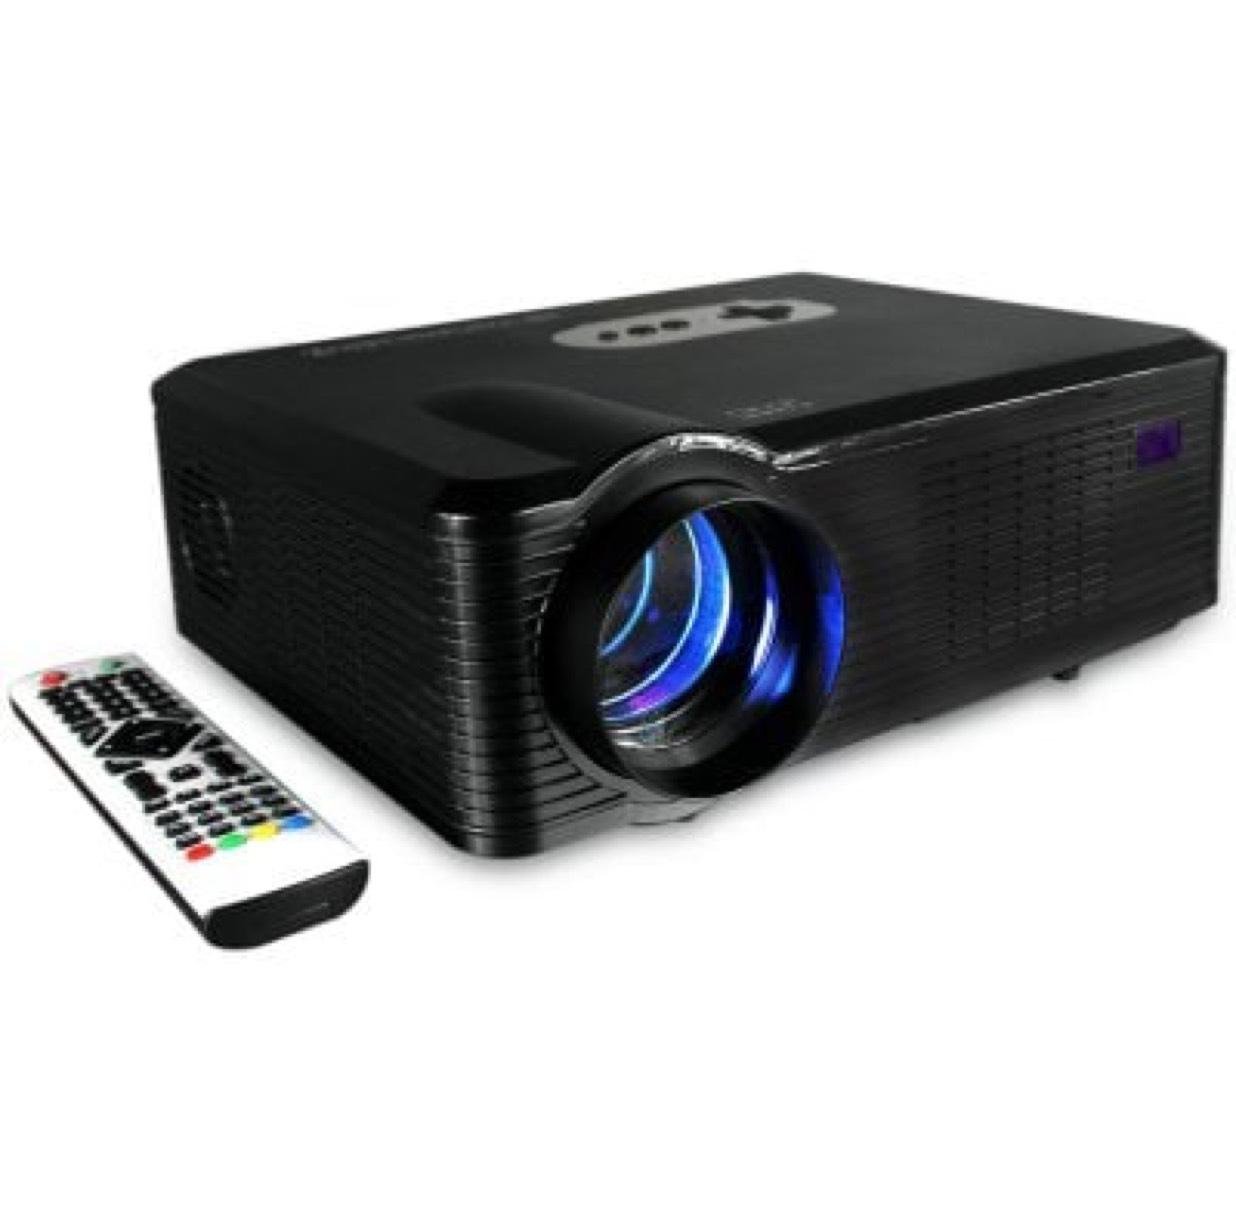 Vidéo-projecteur Excelvan CL720 - LED, 1280x800, 3000 lumens